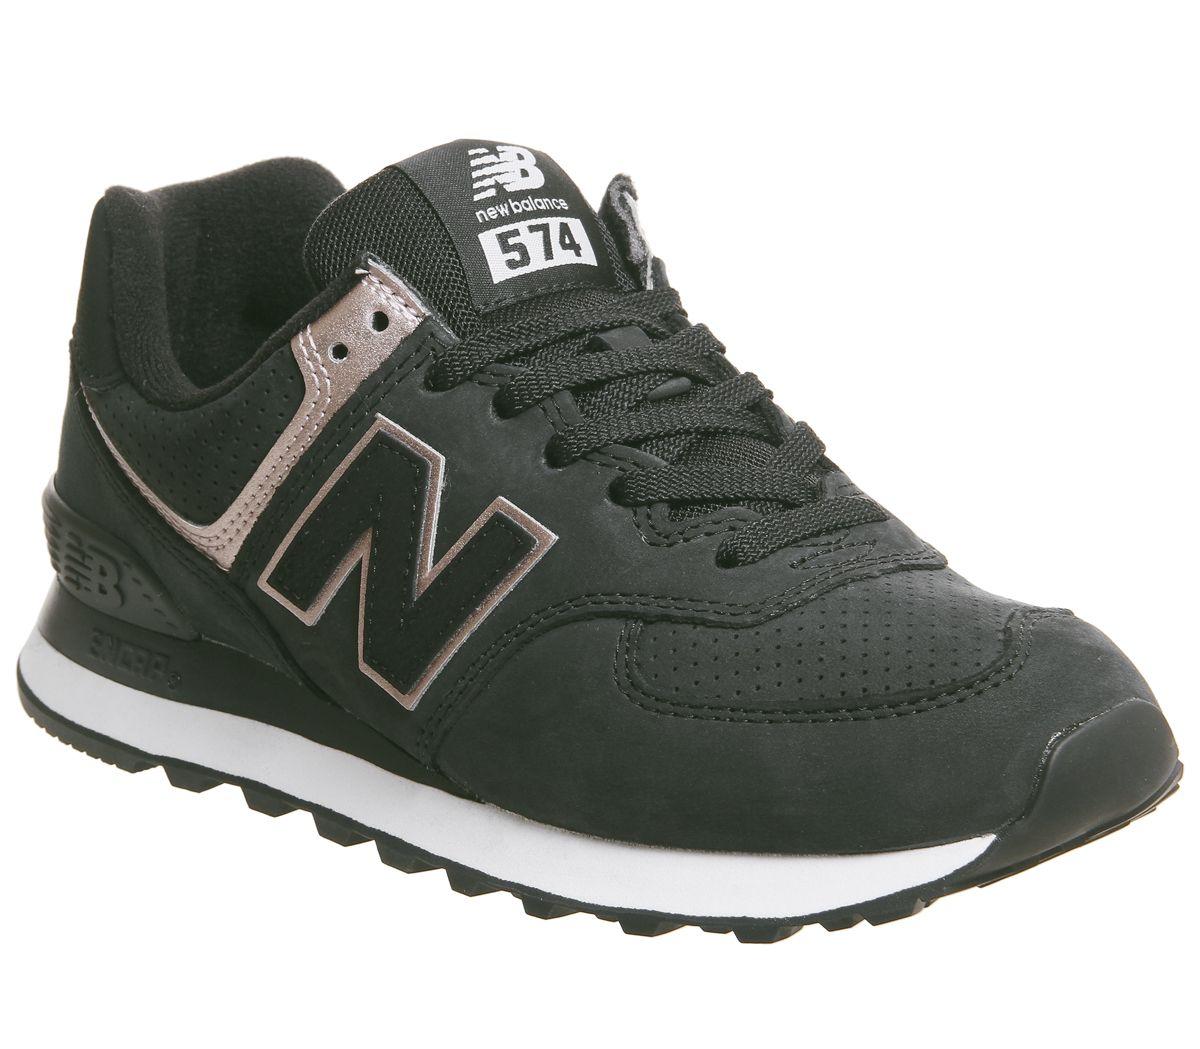 new product db5b7 58375 Détails sur Chaussures Femme New Balance en Daim Noir À Lacets Baskets  Taille UK 5   Ex-display- afficher le titre d origine